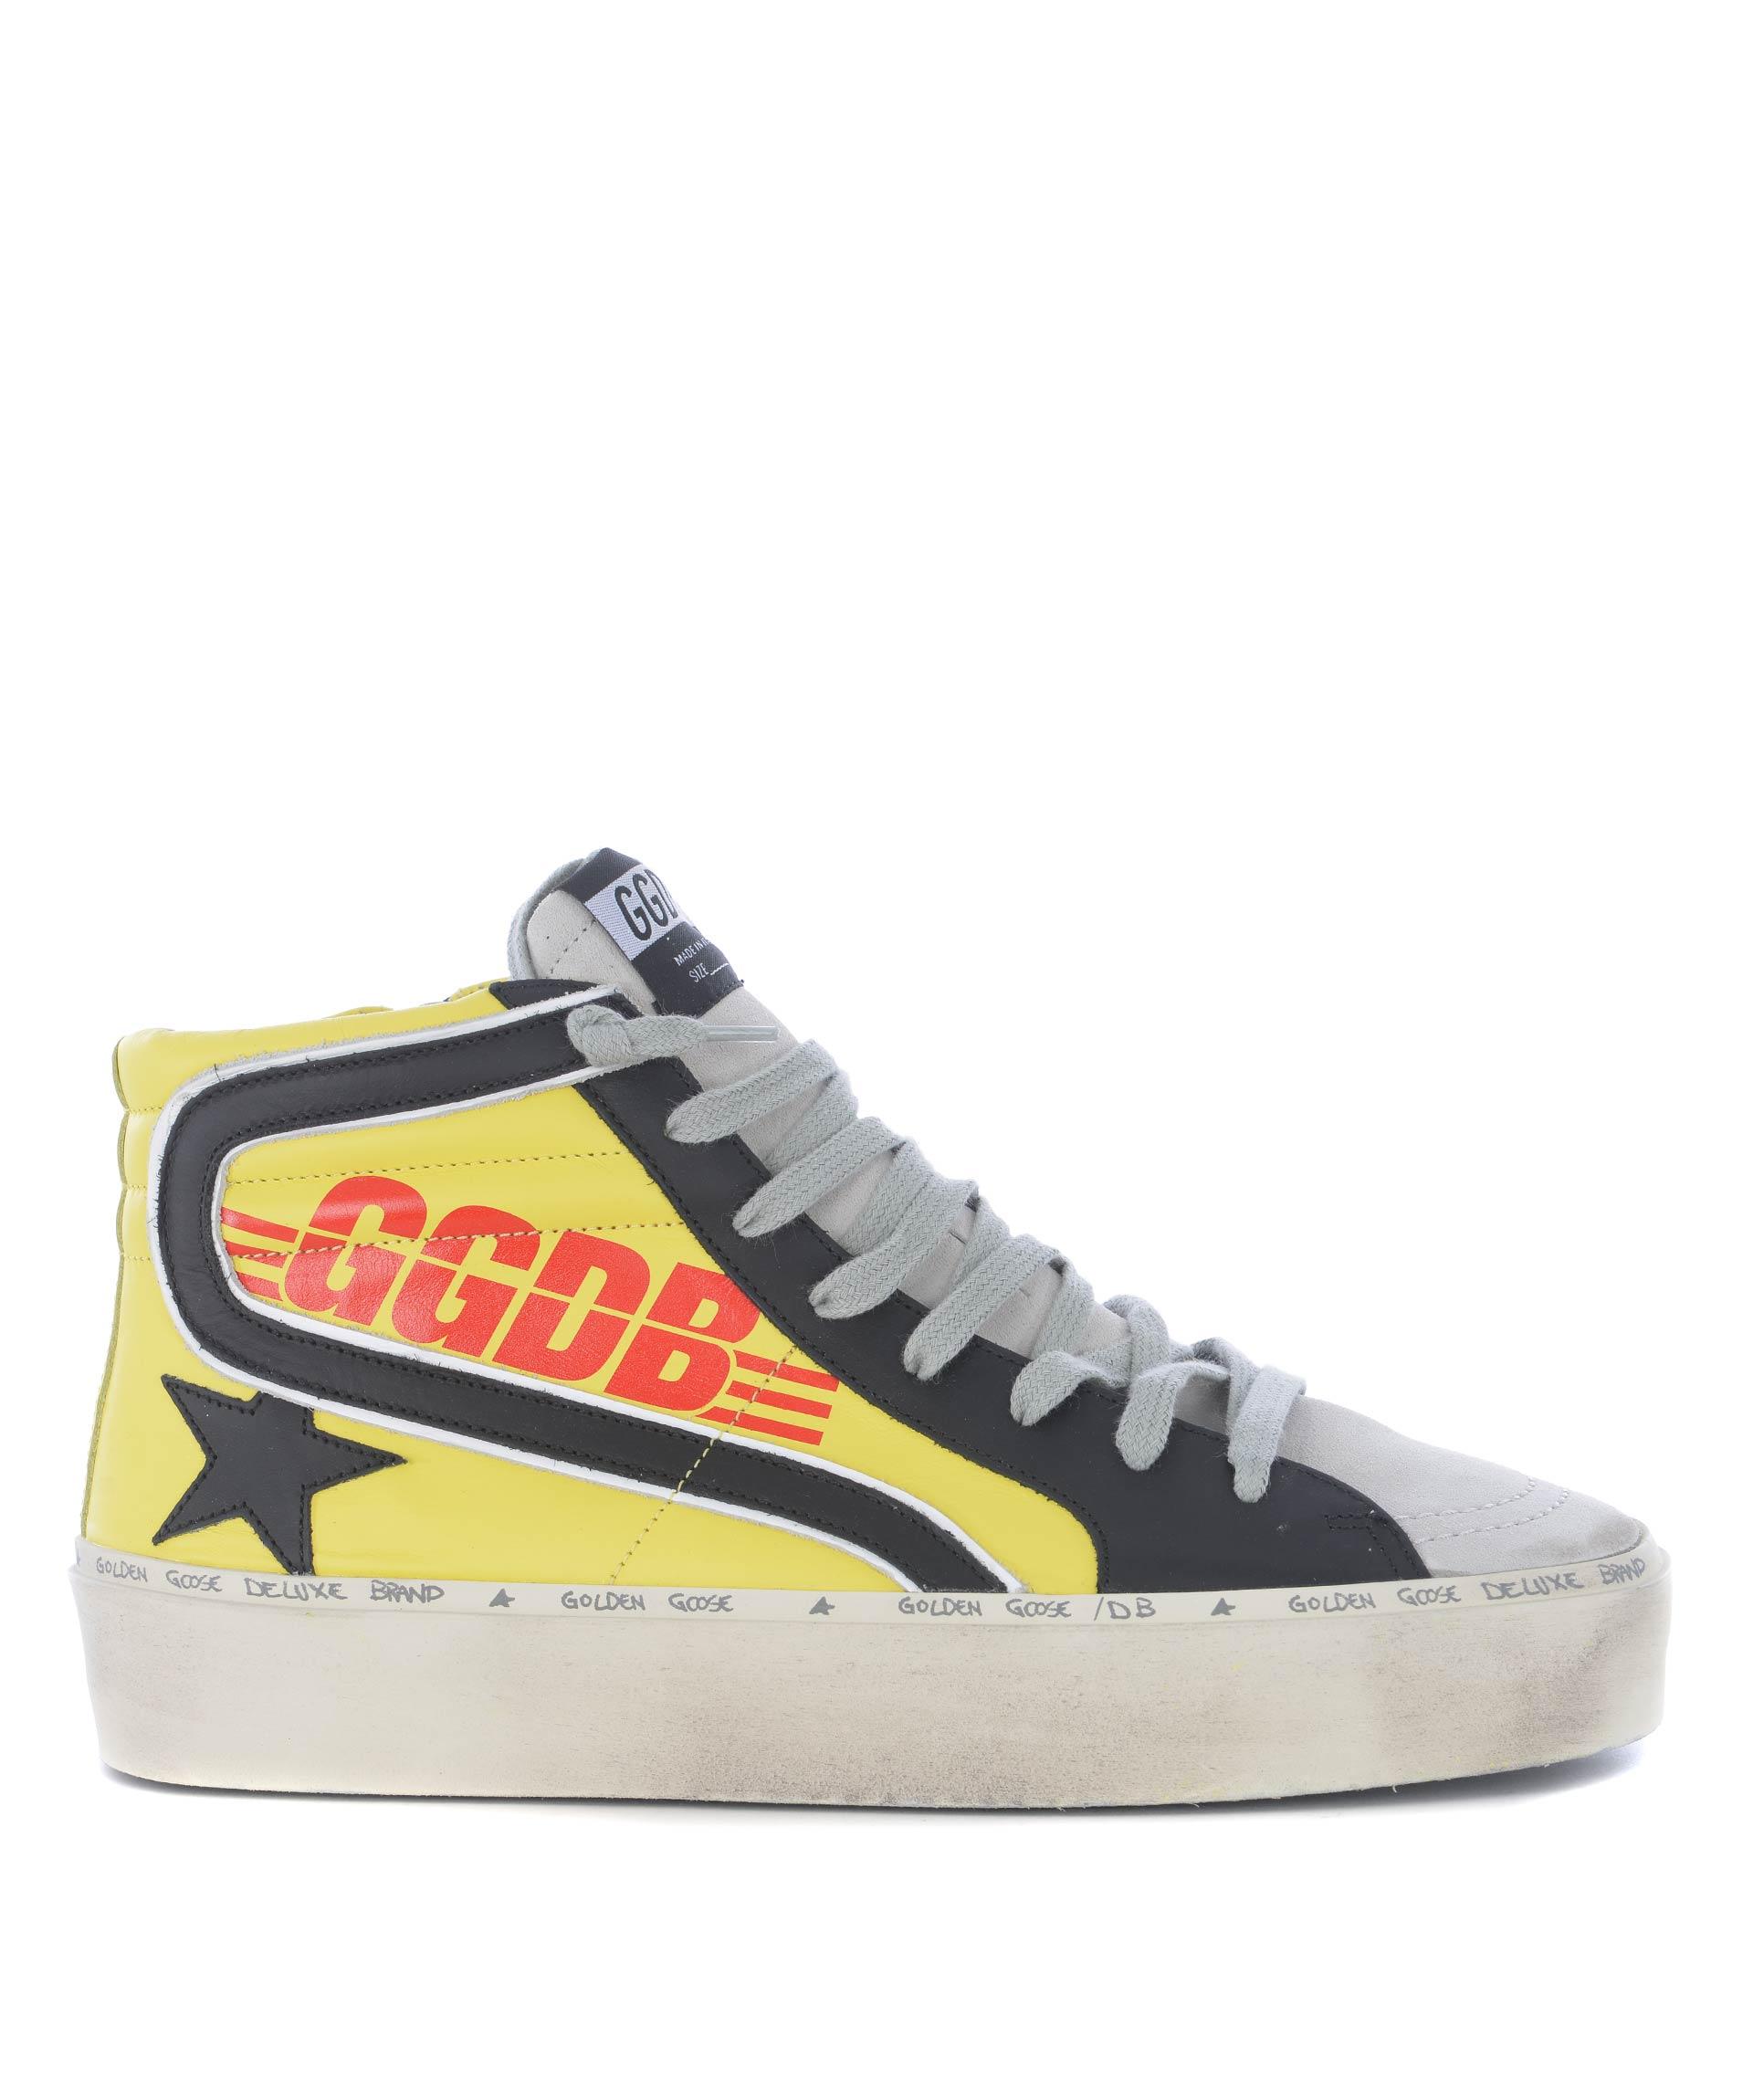 7486db789f85 Sneakers hi-top uomo Golden Goose